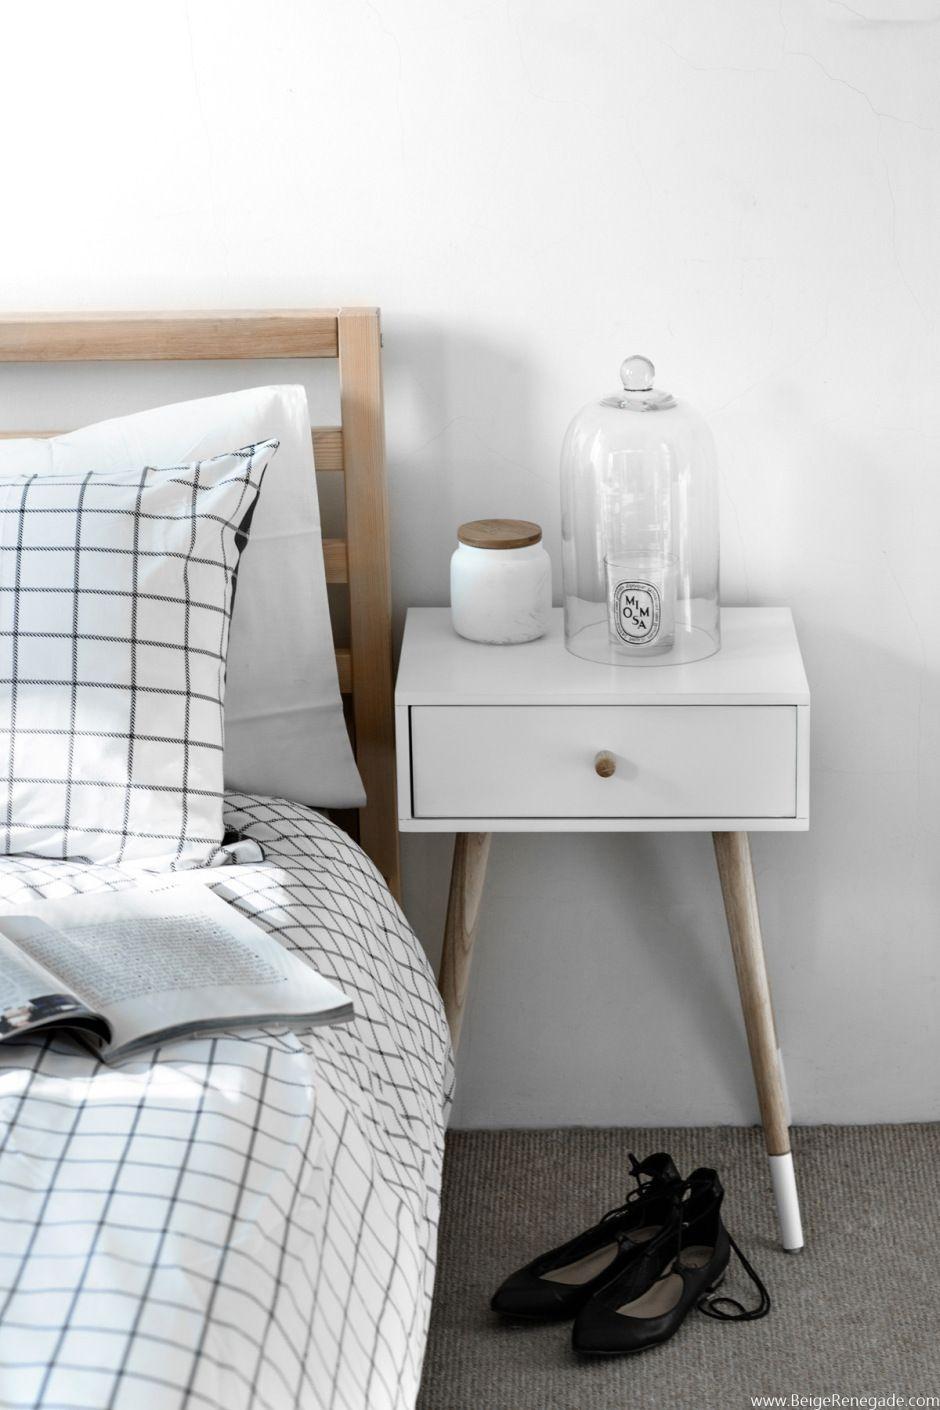 Bedroom via Beige Renegade | Urban Home | home decor | contemporary home | design | interior design | Schomp MINI